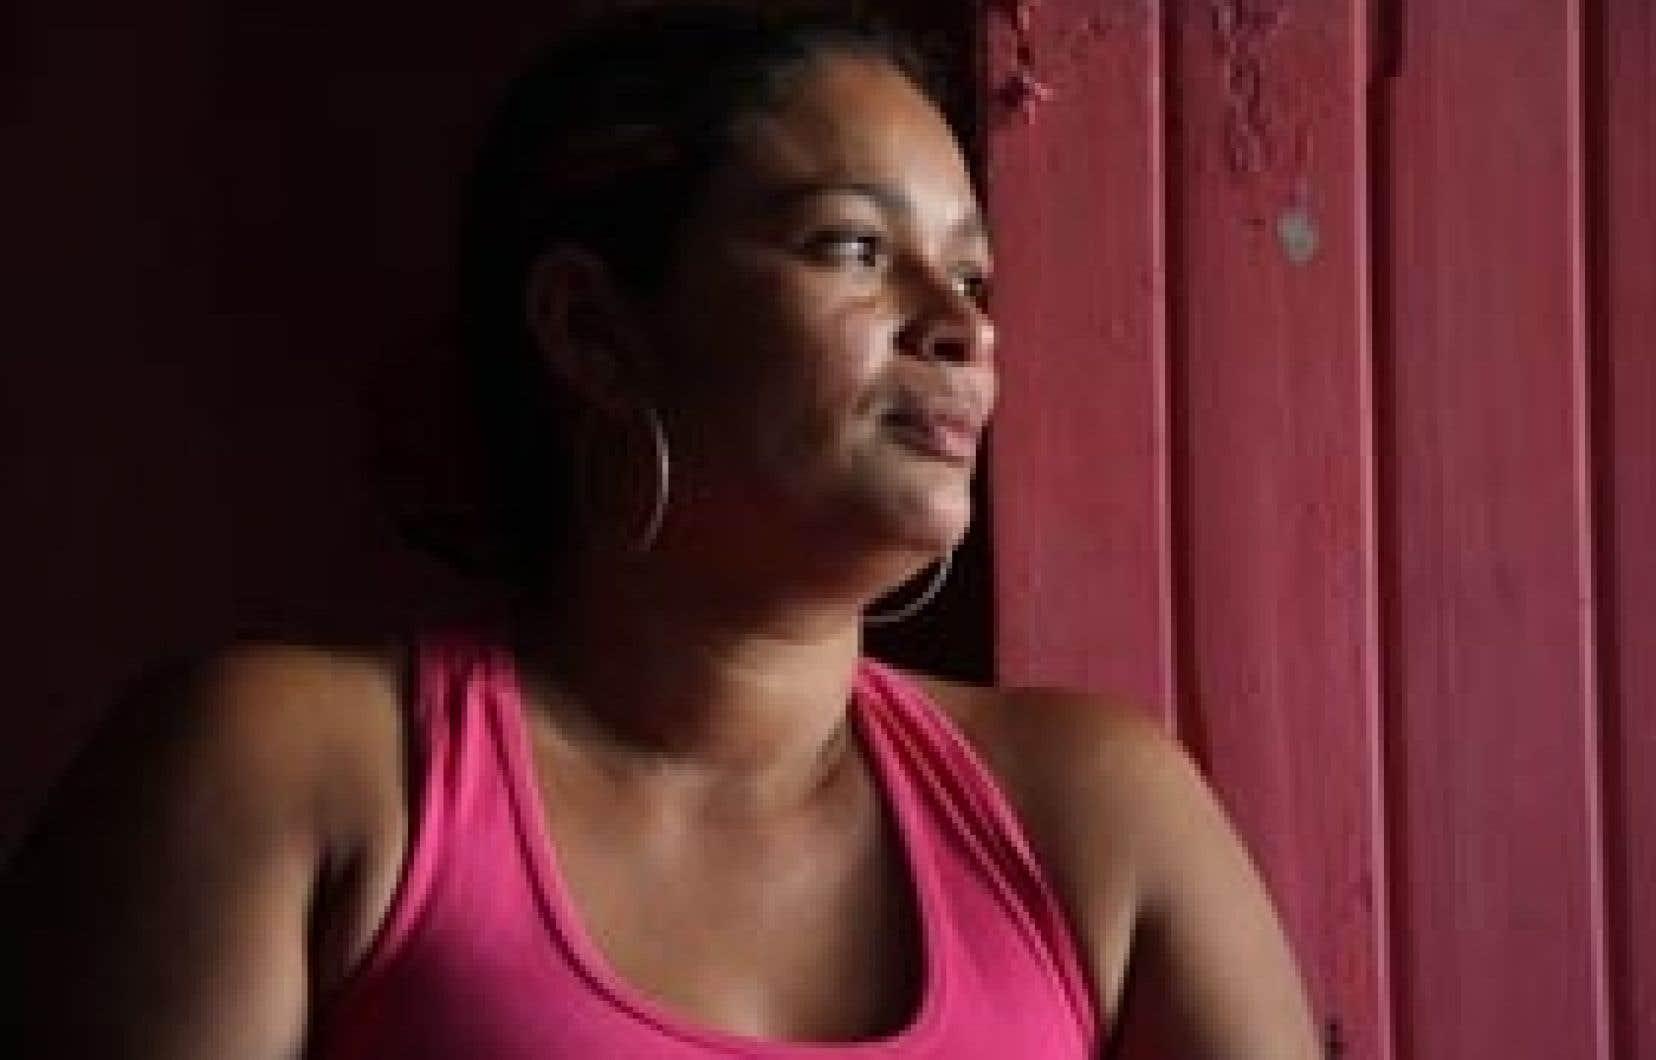 Après l'assassinat de son beau-frère, Maria Elena Monterosa a dû quitter sa terre pour aller se réfugier en ville. Un aller simple qui l'a menée tout droit dans un bidonville de Sincelejo, une municipalité du nord-ouest de la Colombie.